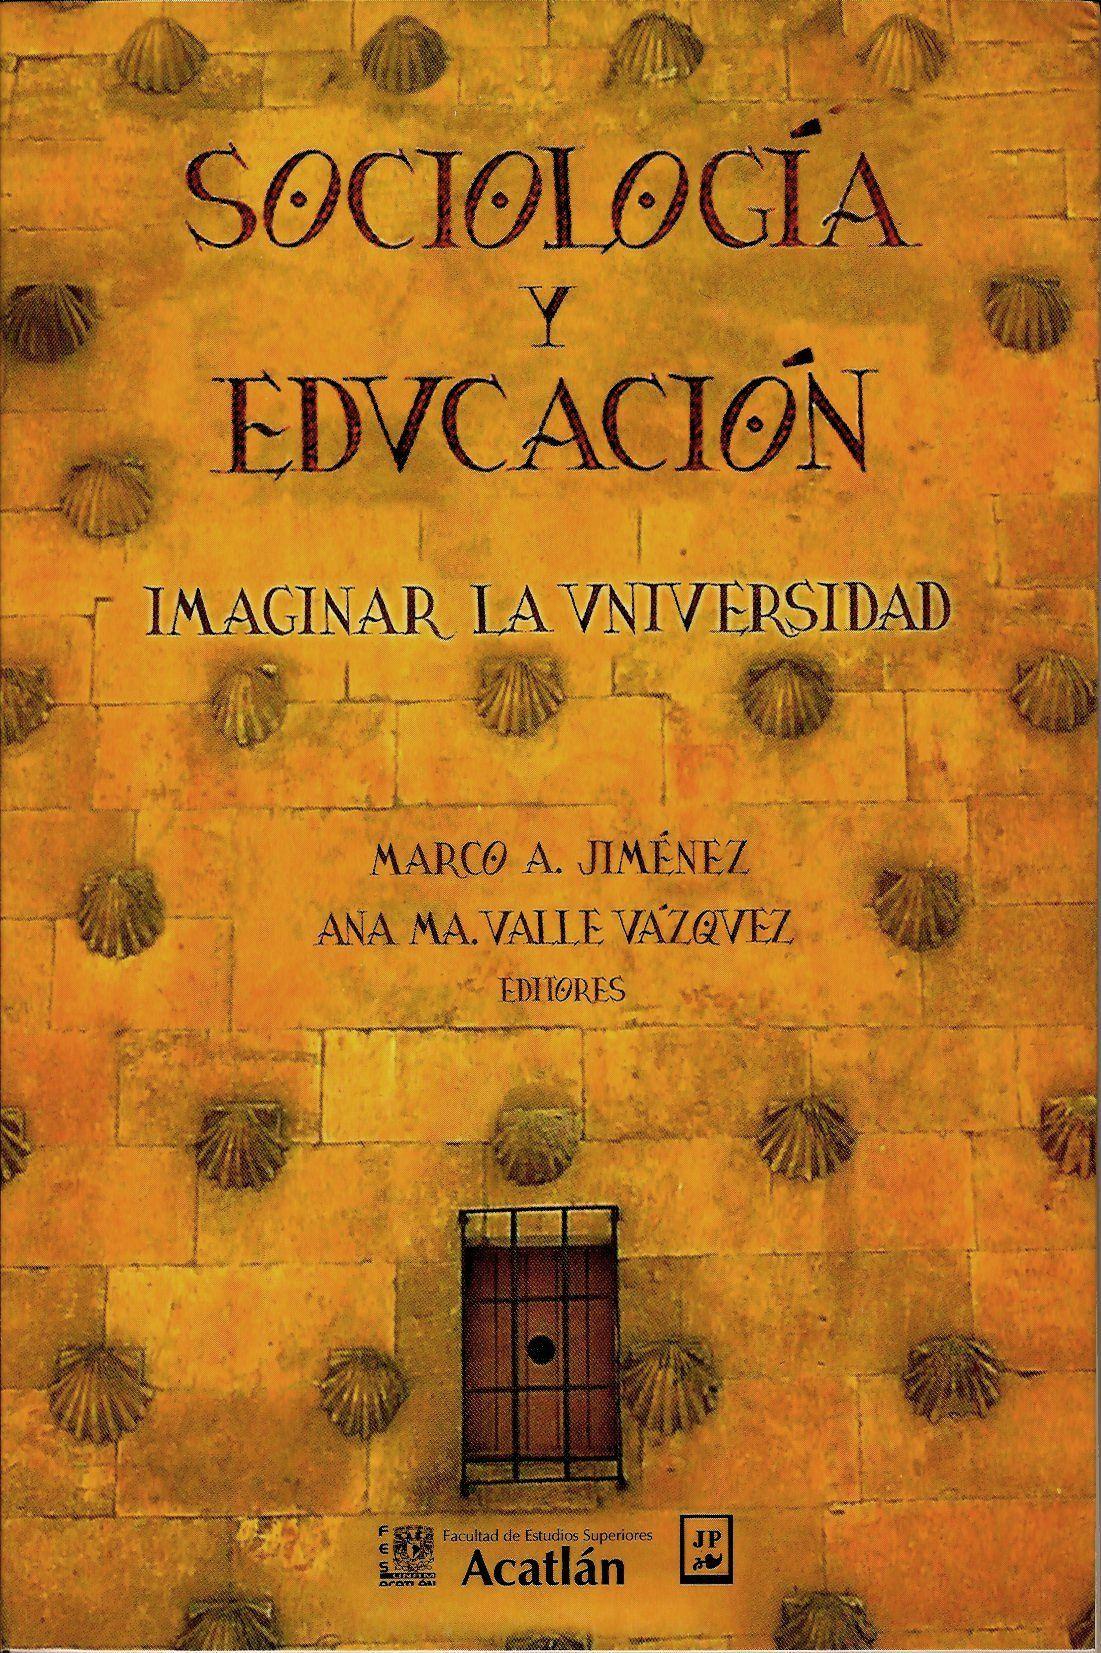 Sociología y educación. Imaginar la universidad